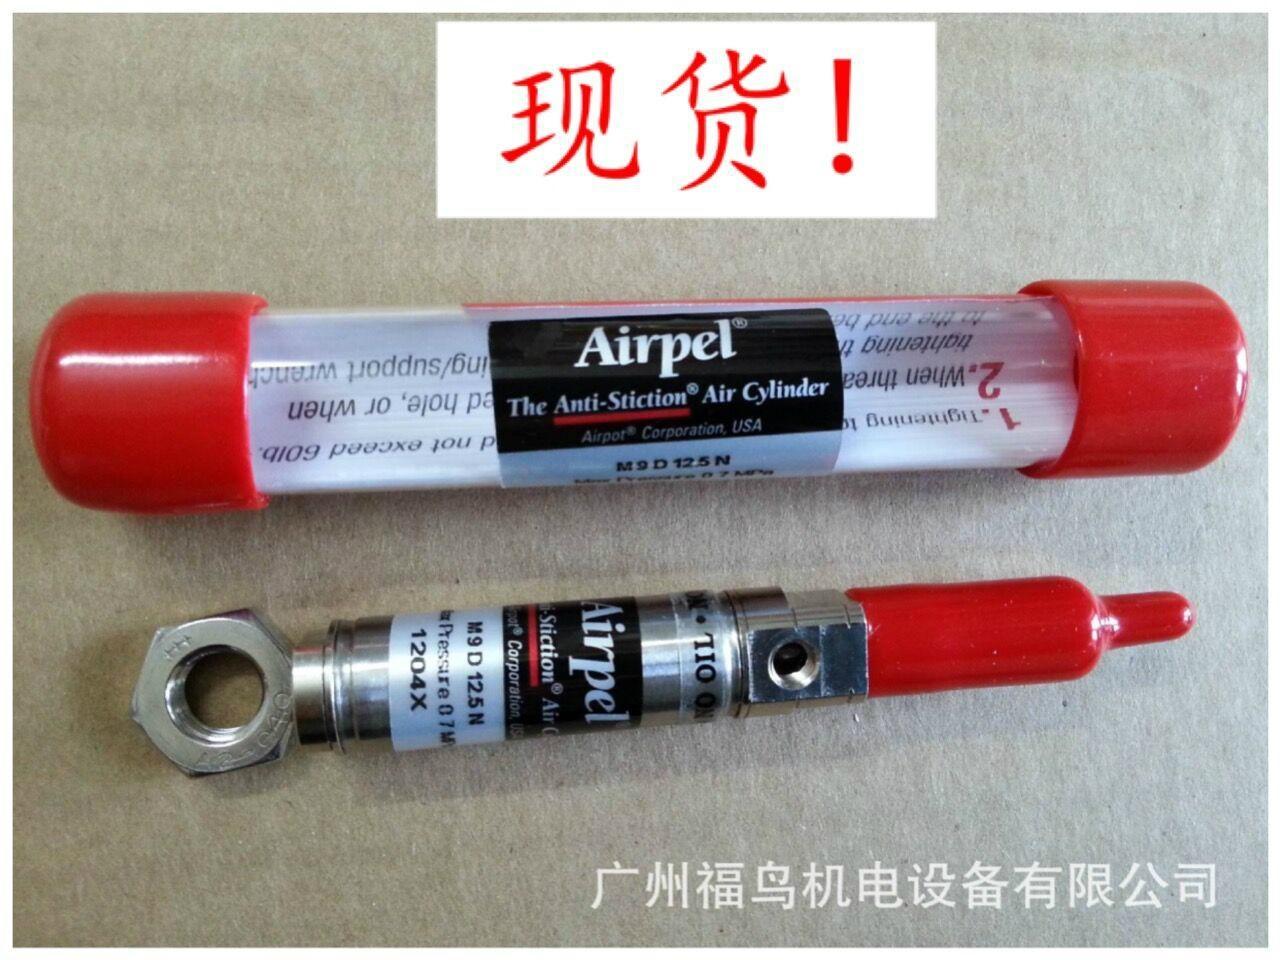 AIRPEL玻璃氣缸, 型號: M9D12.5N